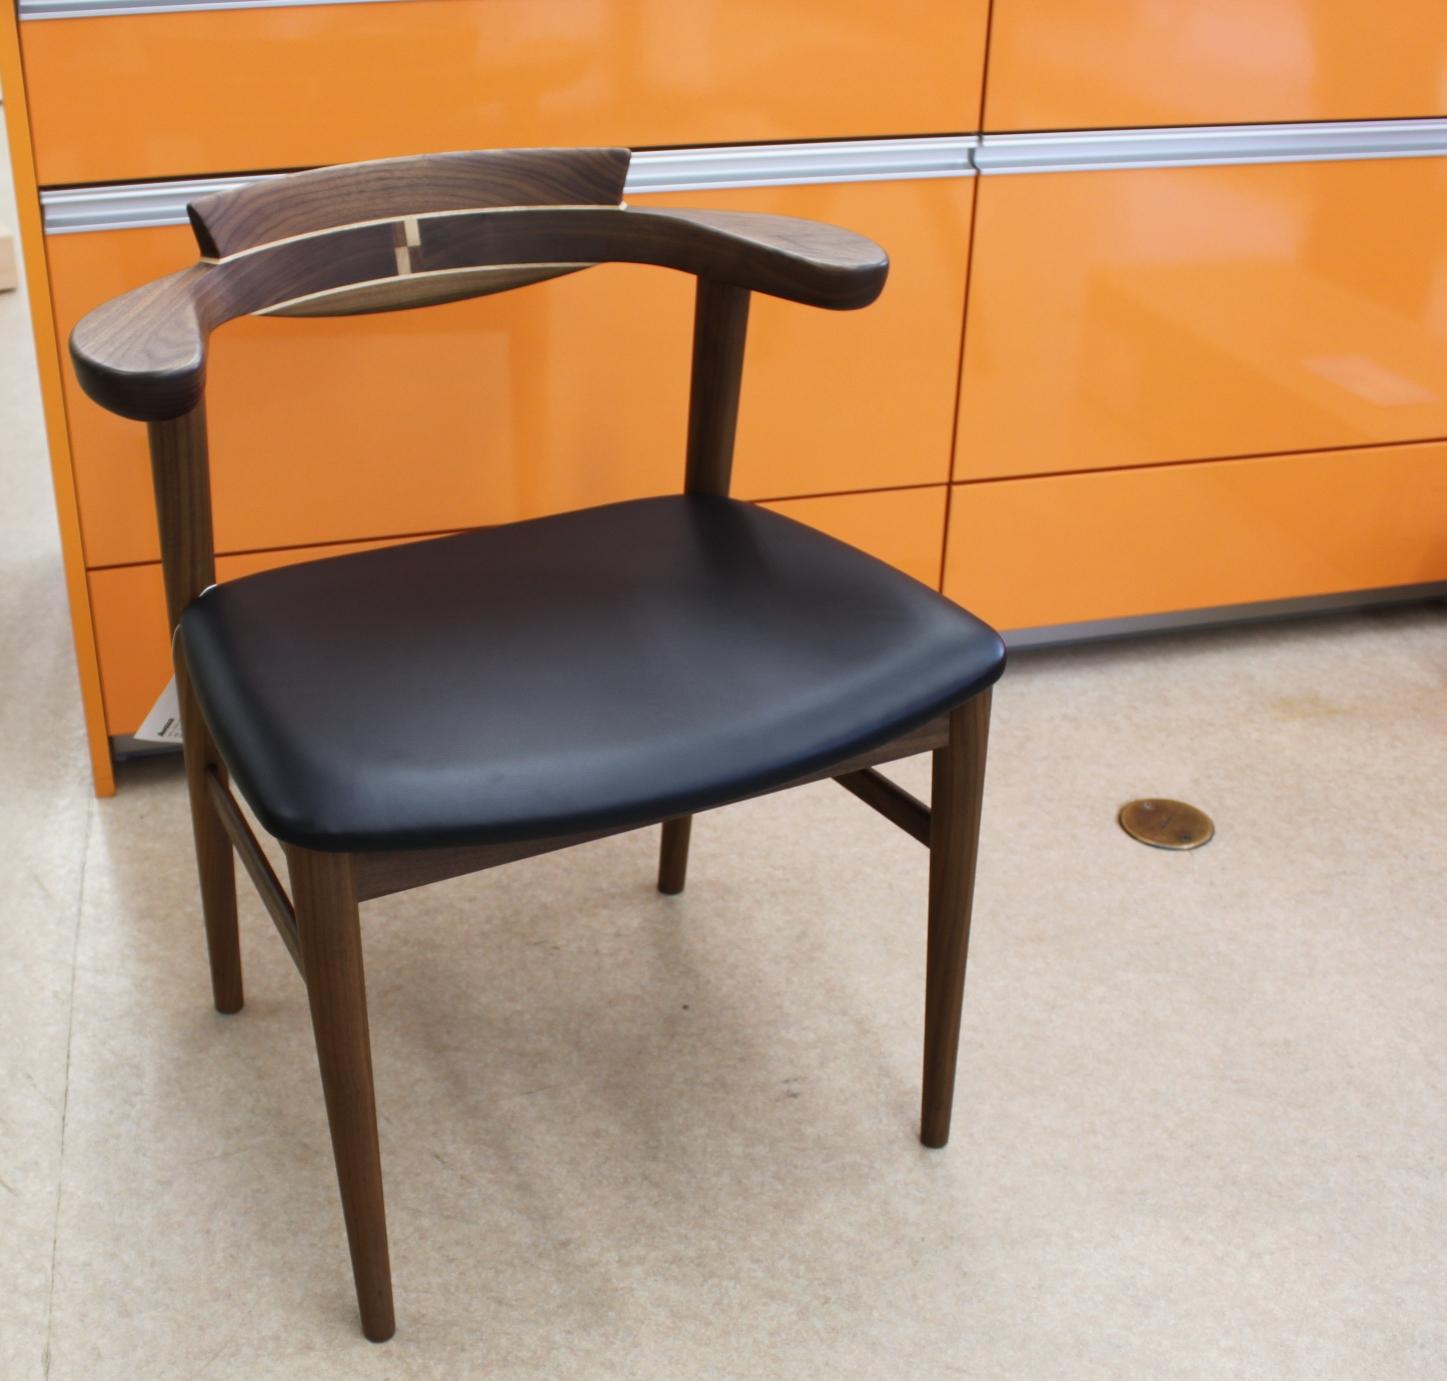 加齢を意識させない高齢者対応の椅子